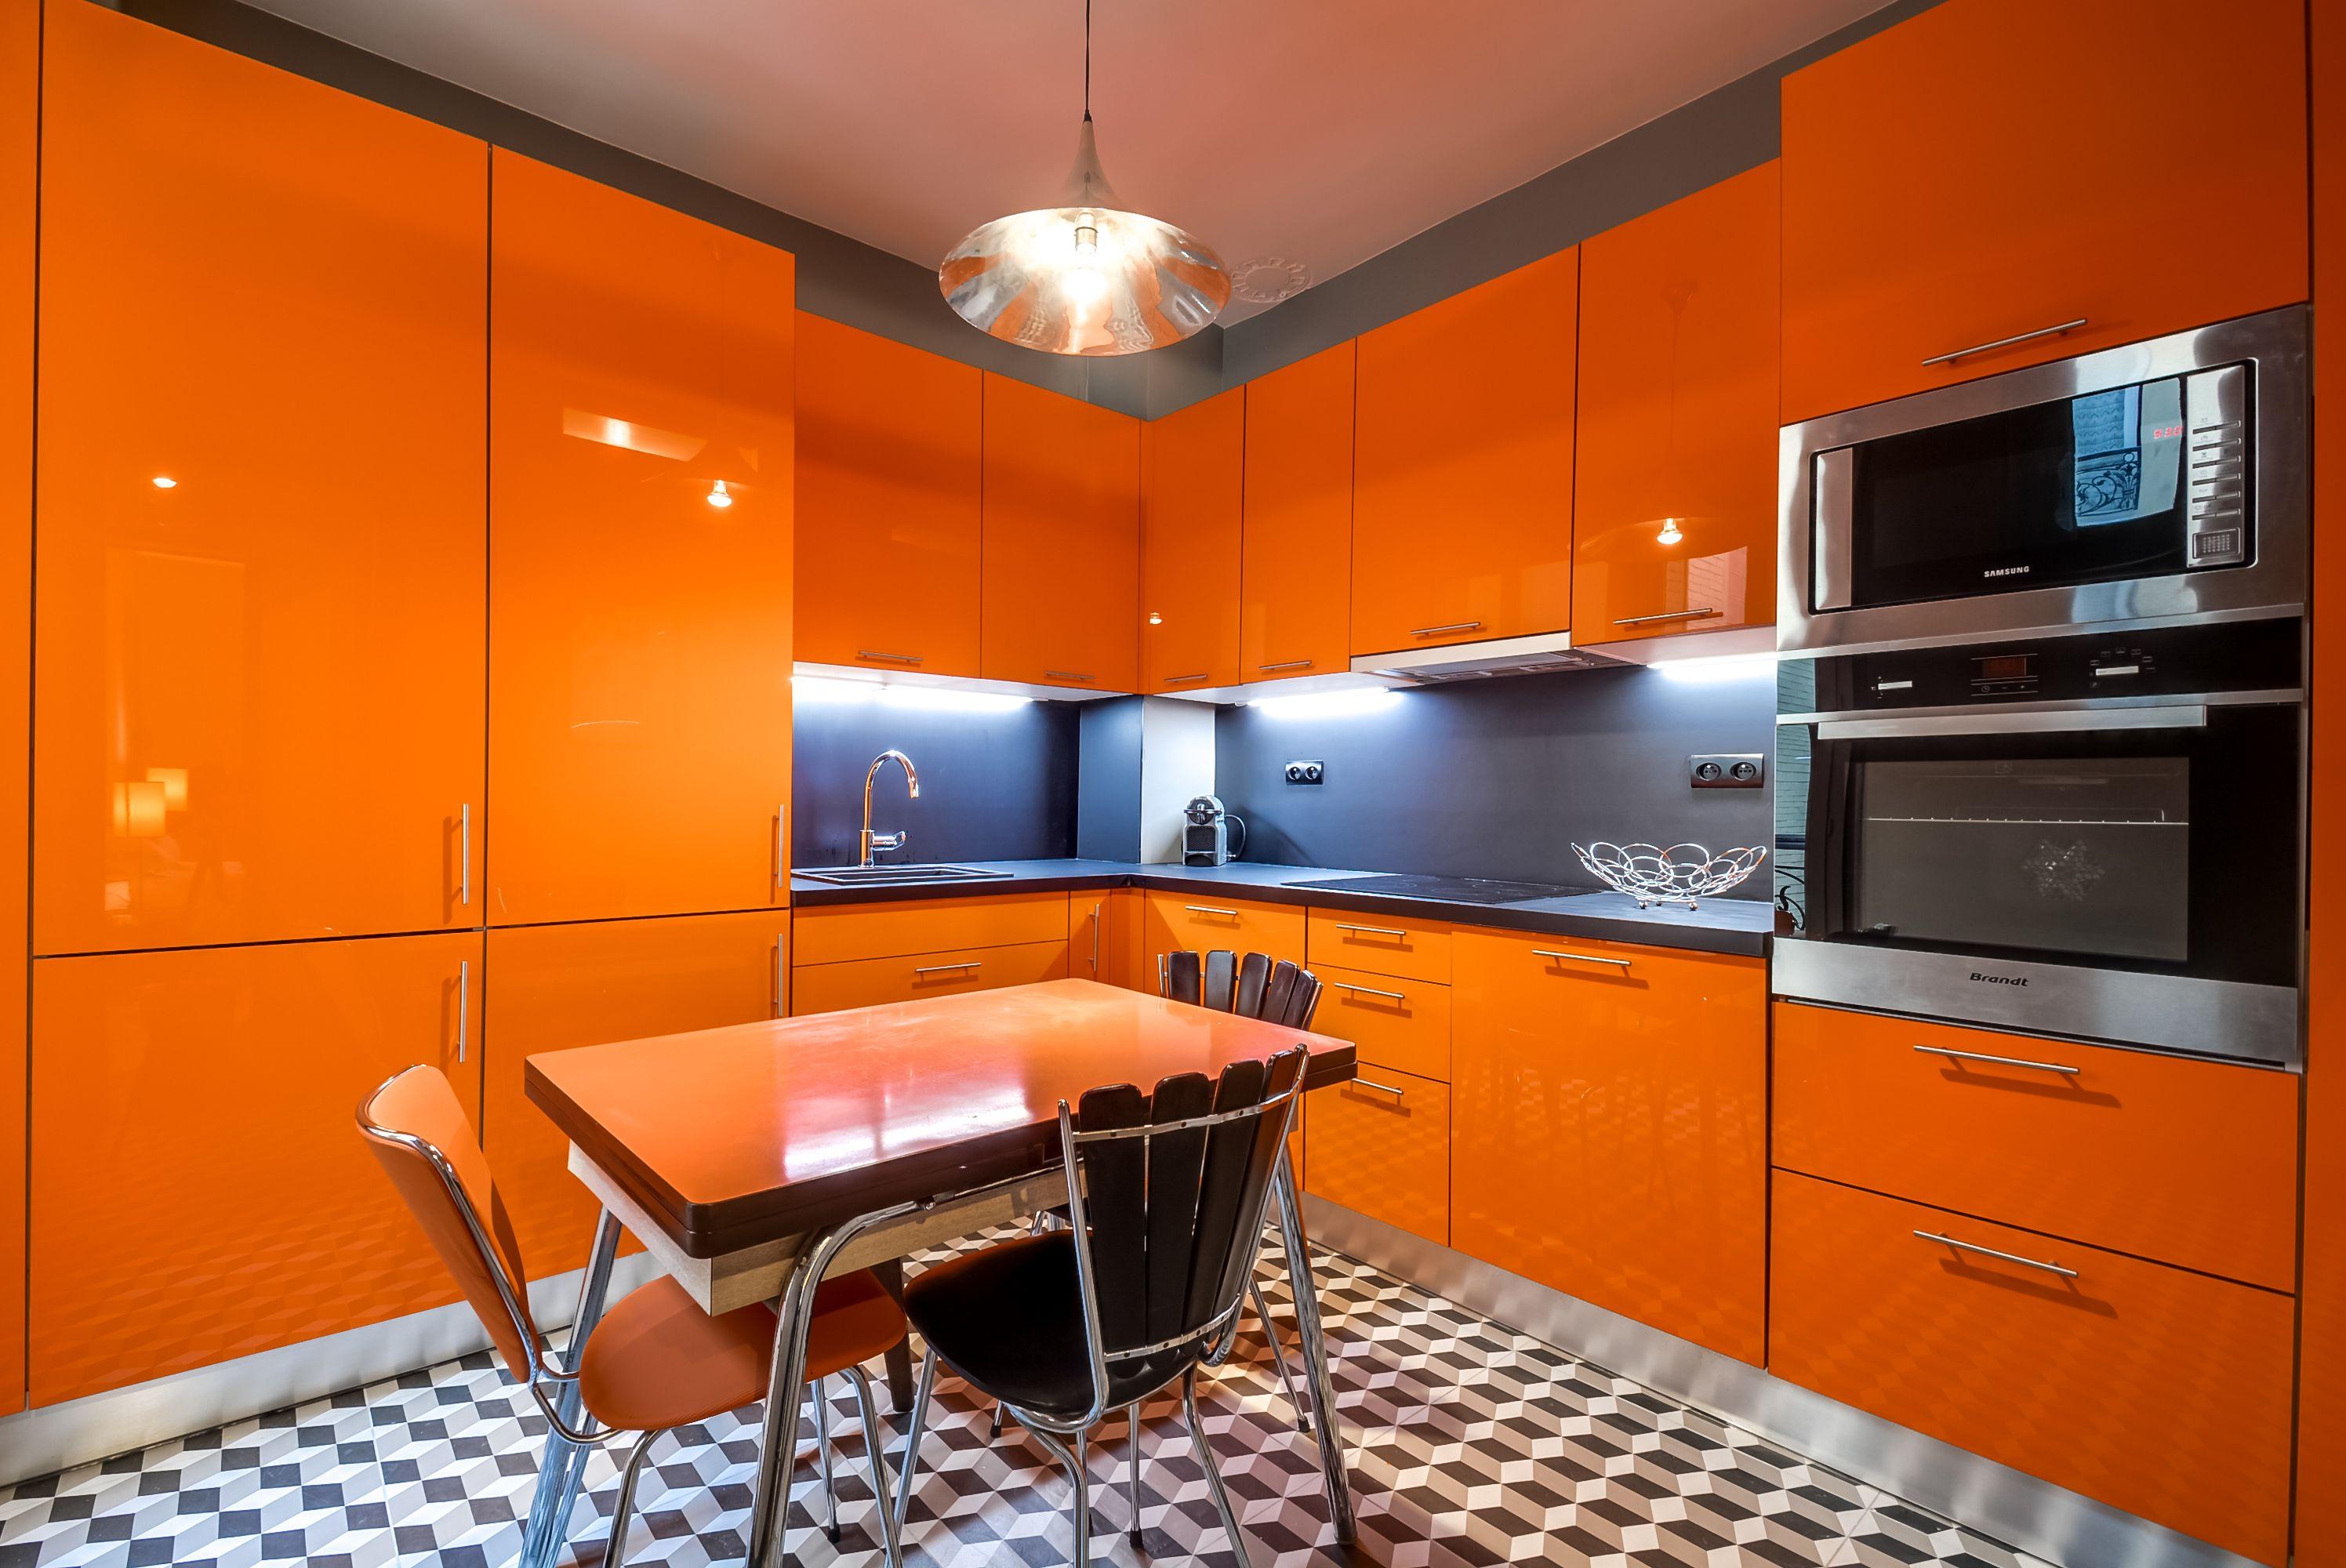 aménagement cuisine : cuisine ouverte rétro style seventies | plans